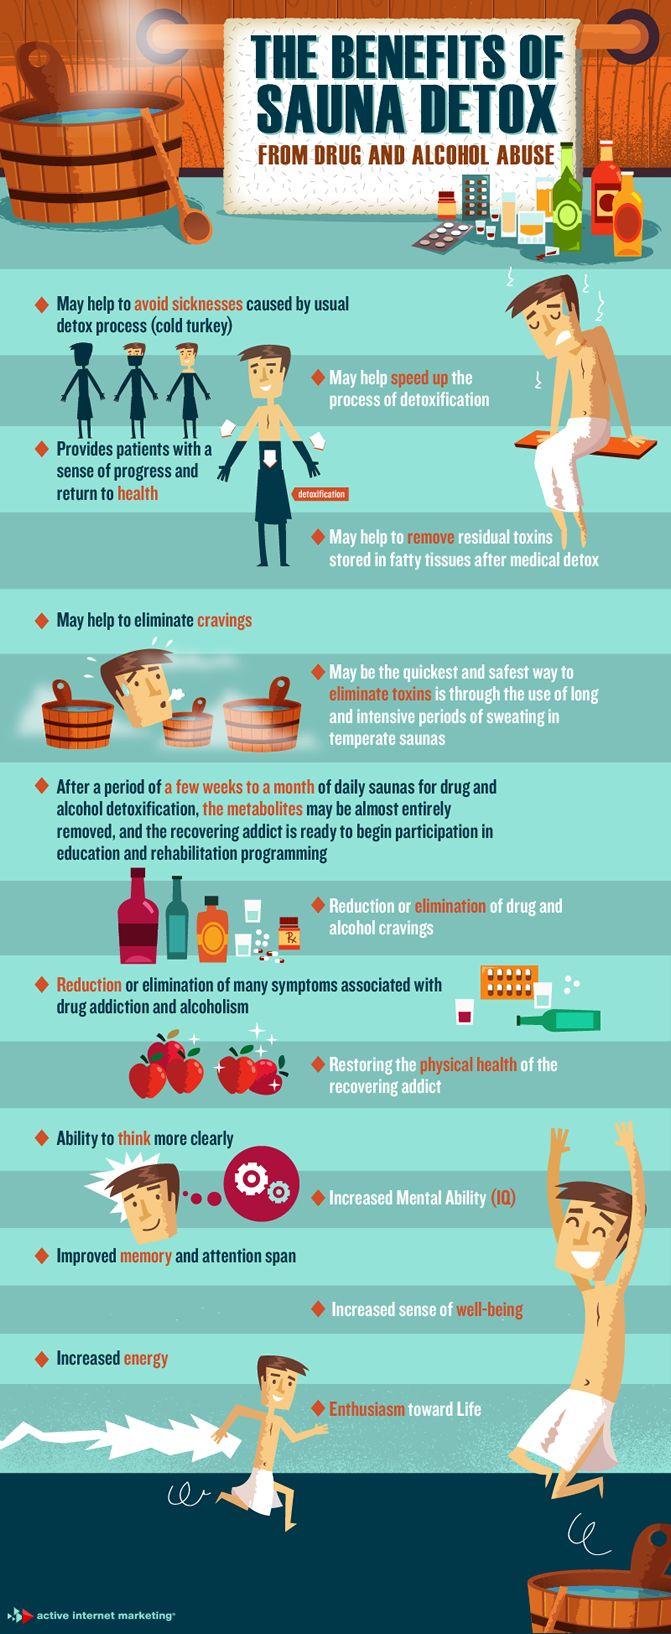 Benefits of Sauna Detox Infographic - TopRehabs.com